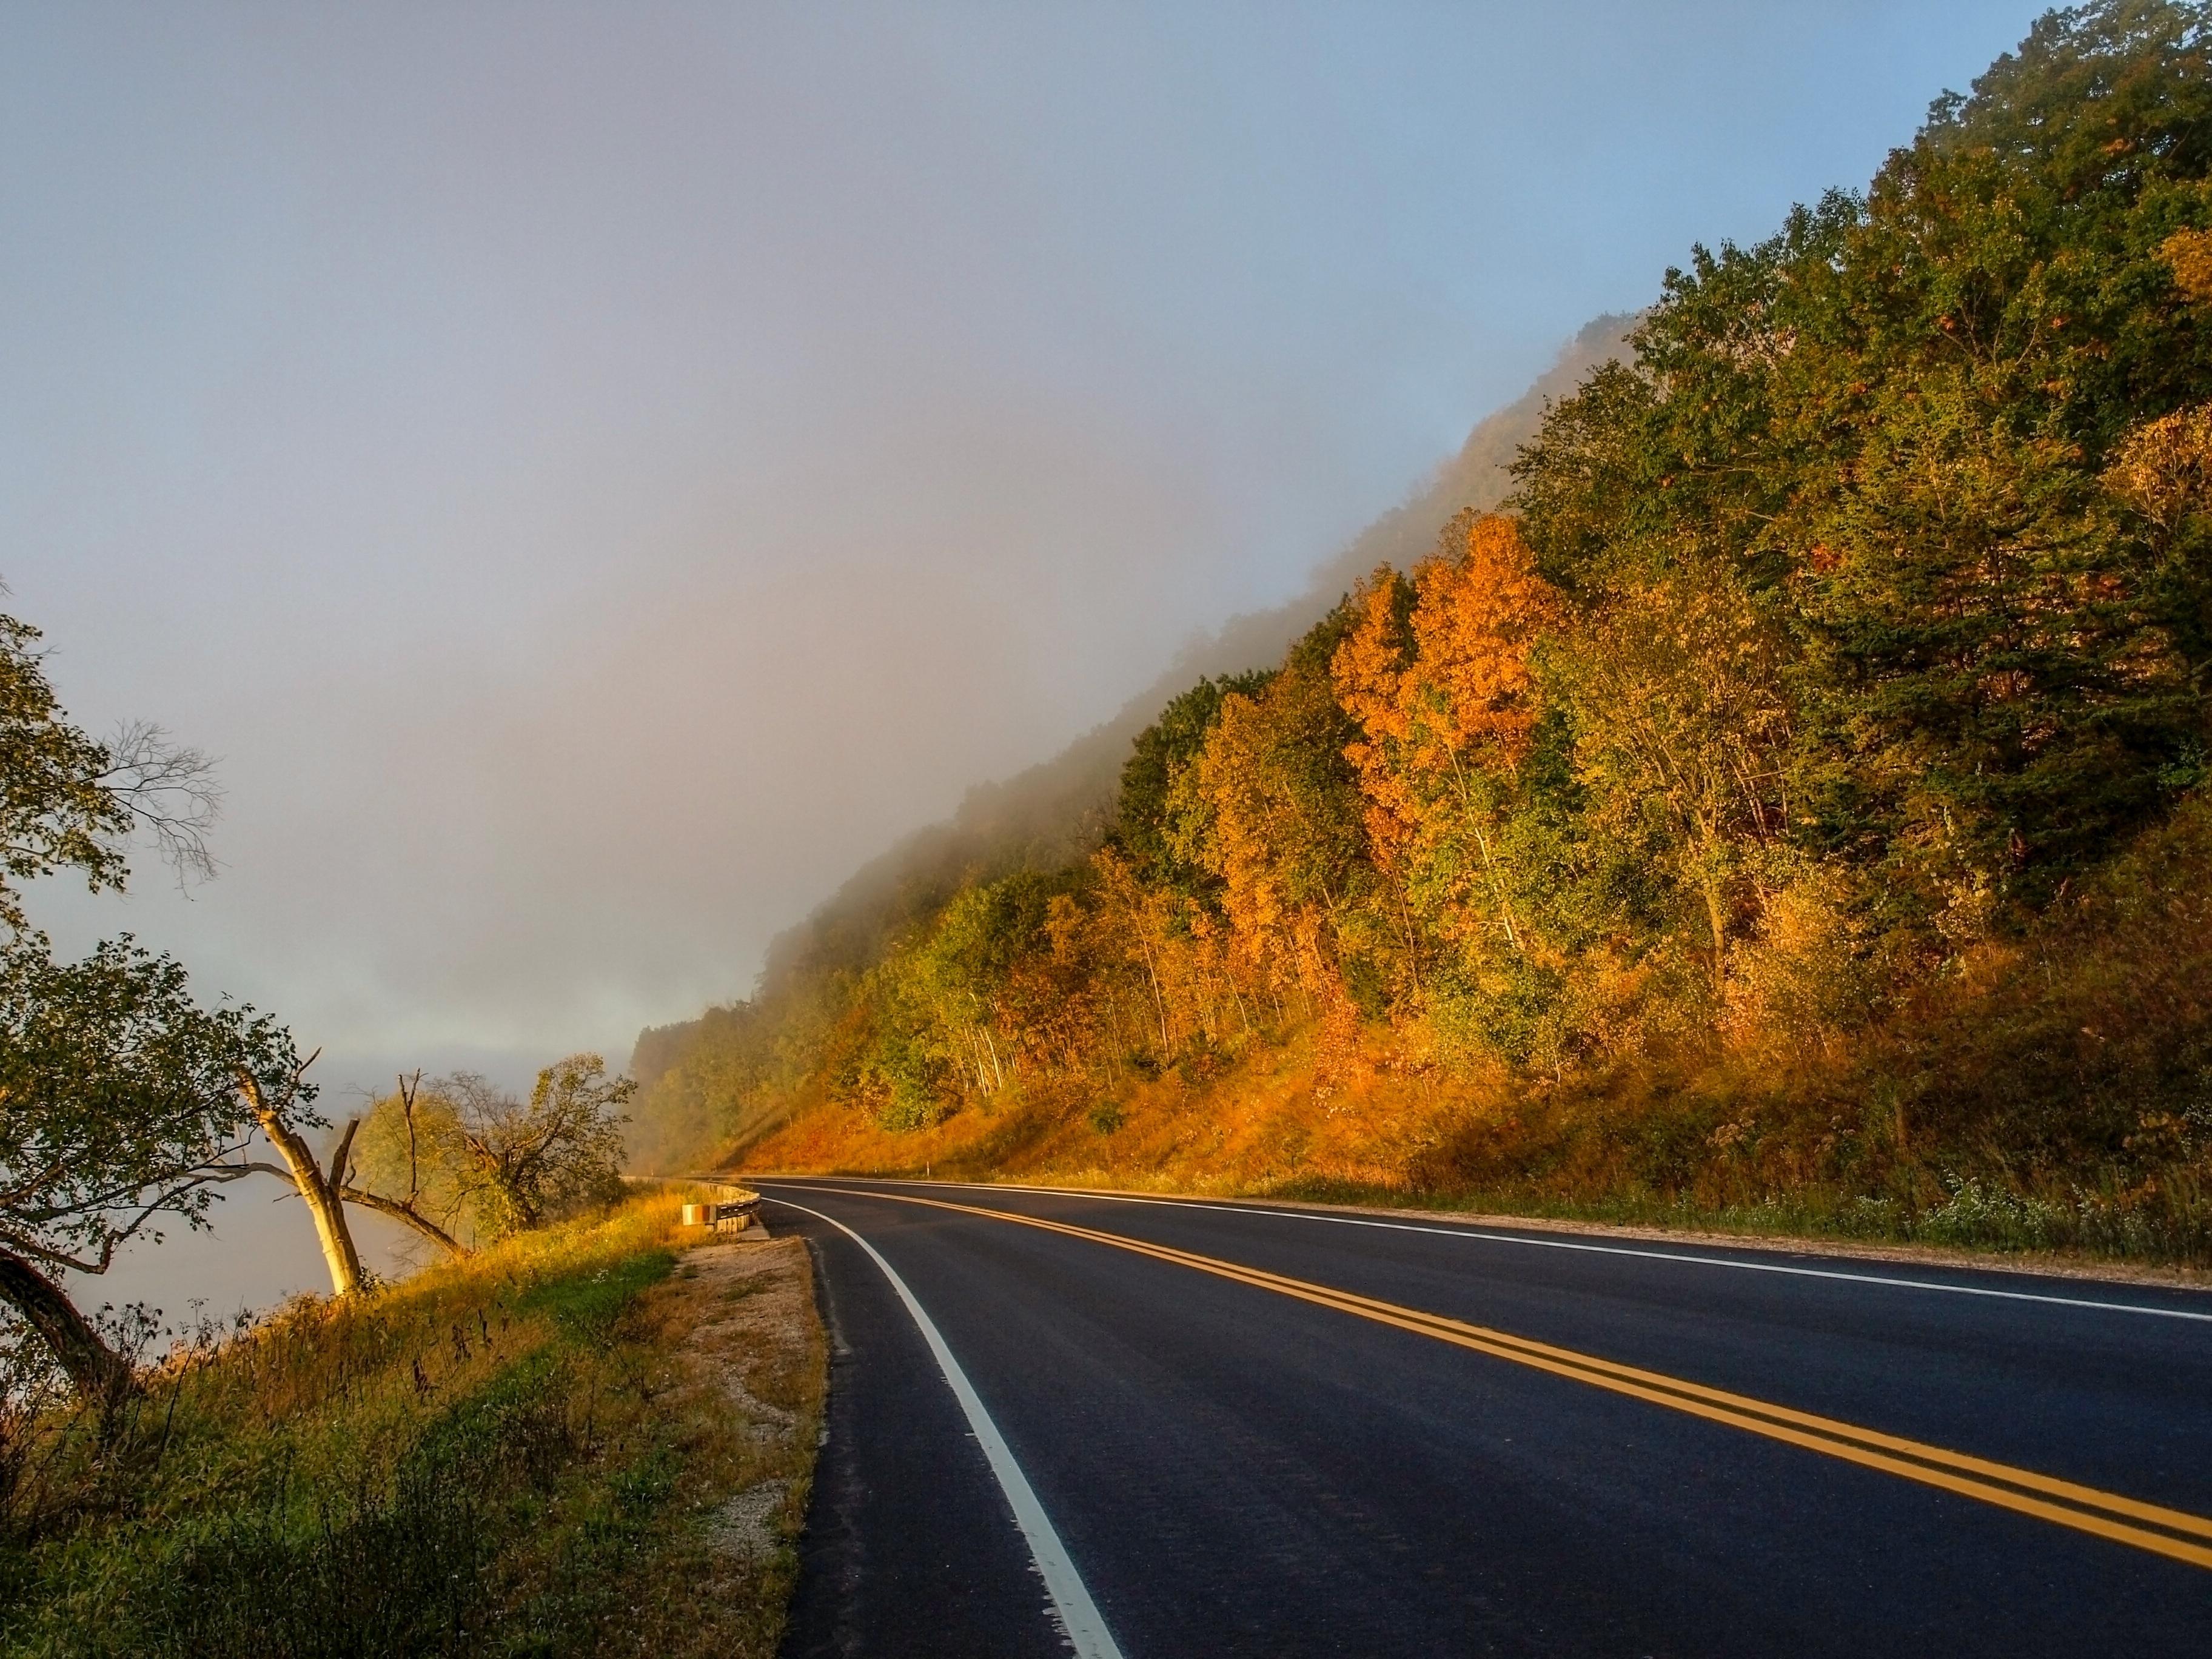 предложит красивые картинки дорога пейзаж пишем